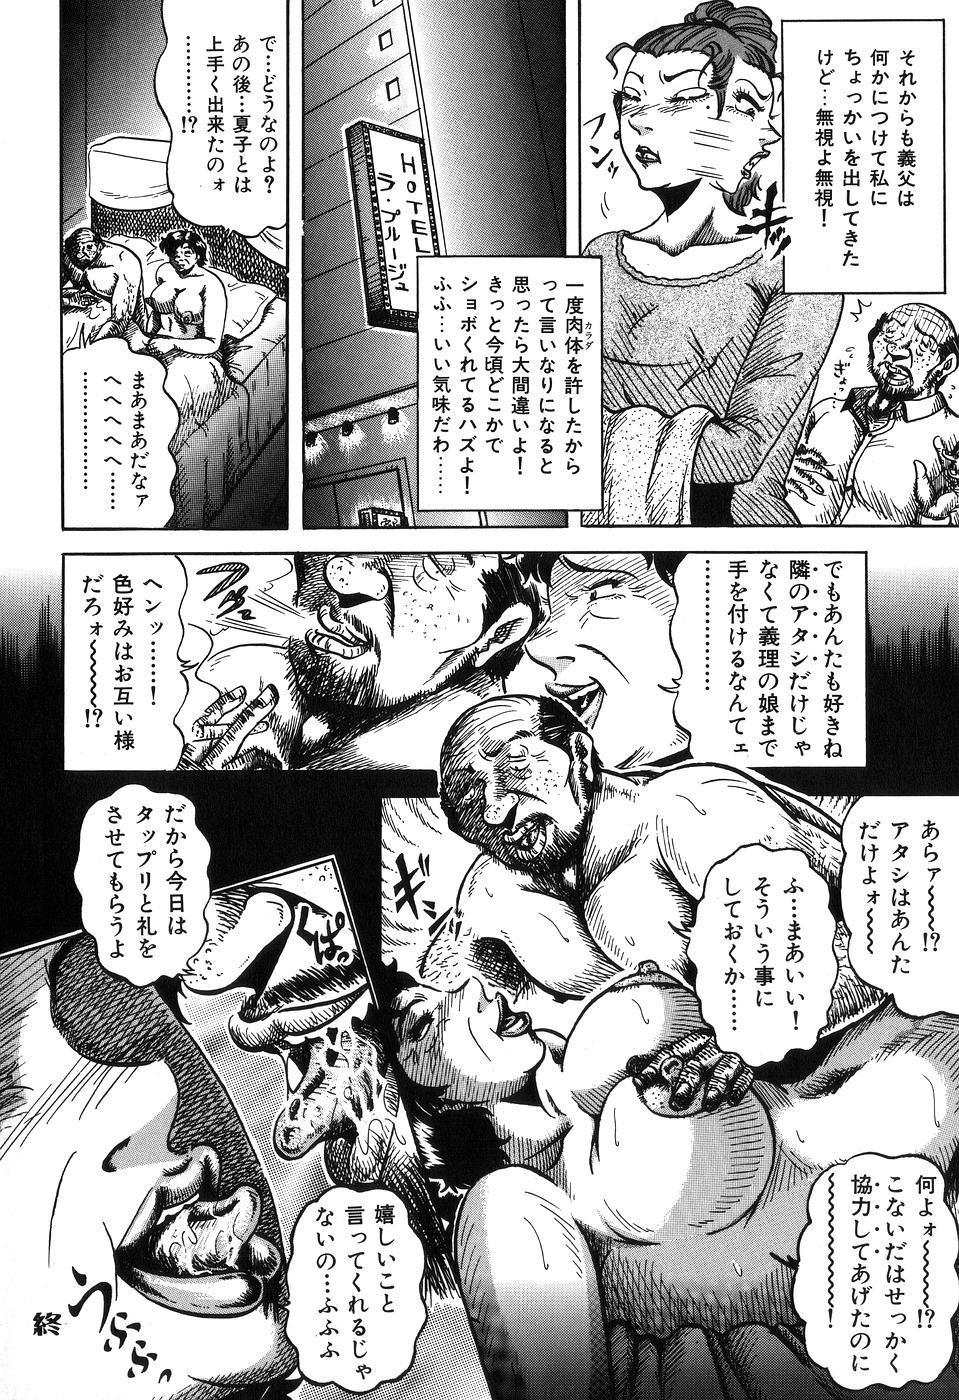 Jukubo Soukan Yosoji no Tawamure 85